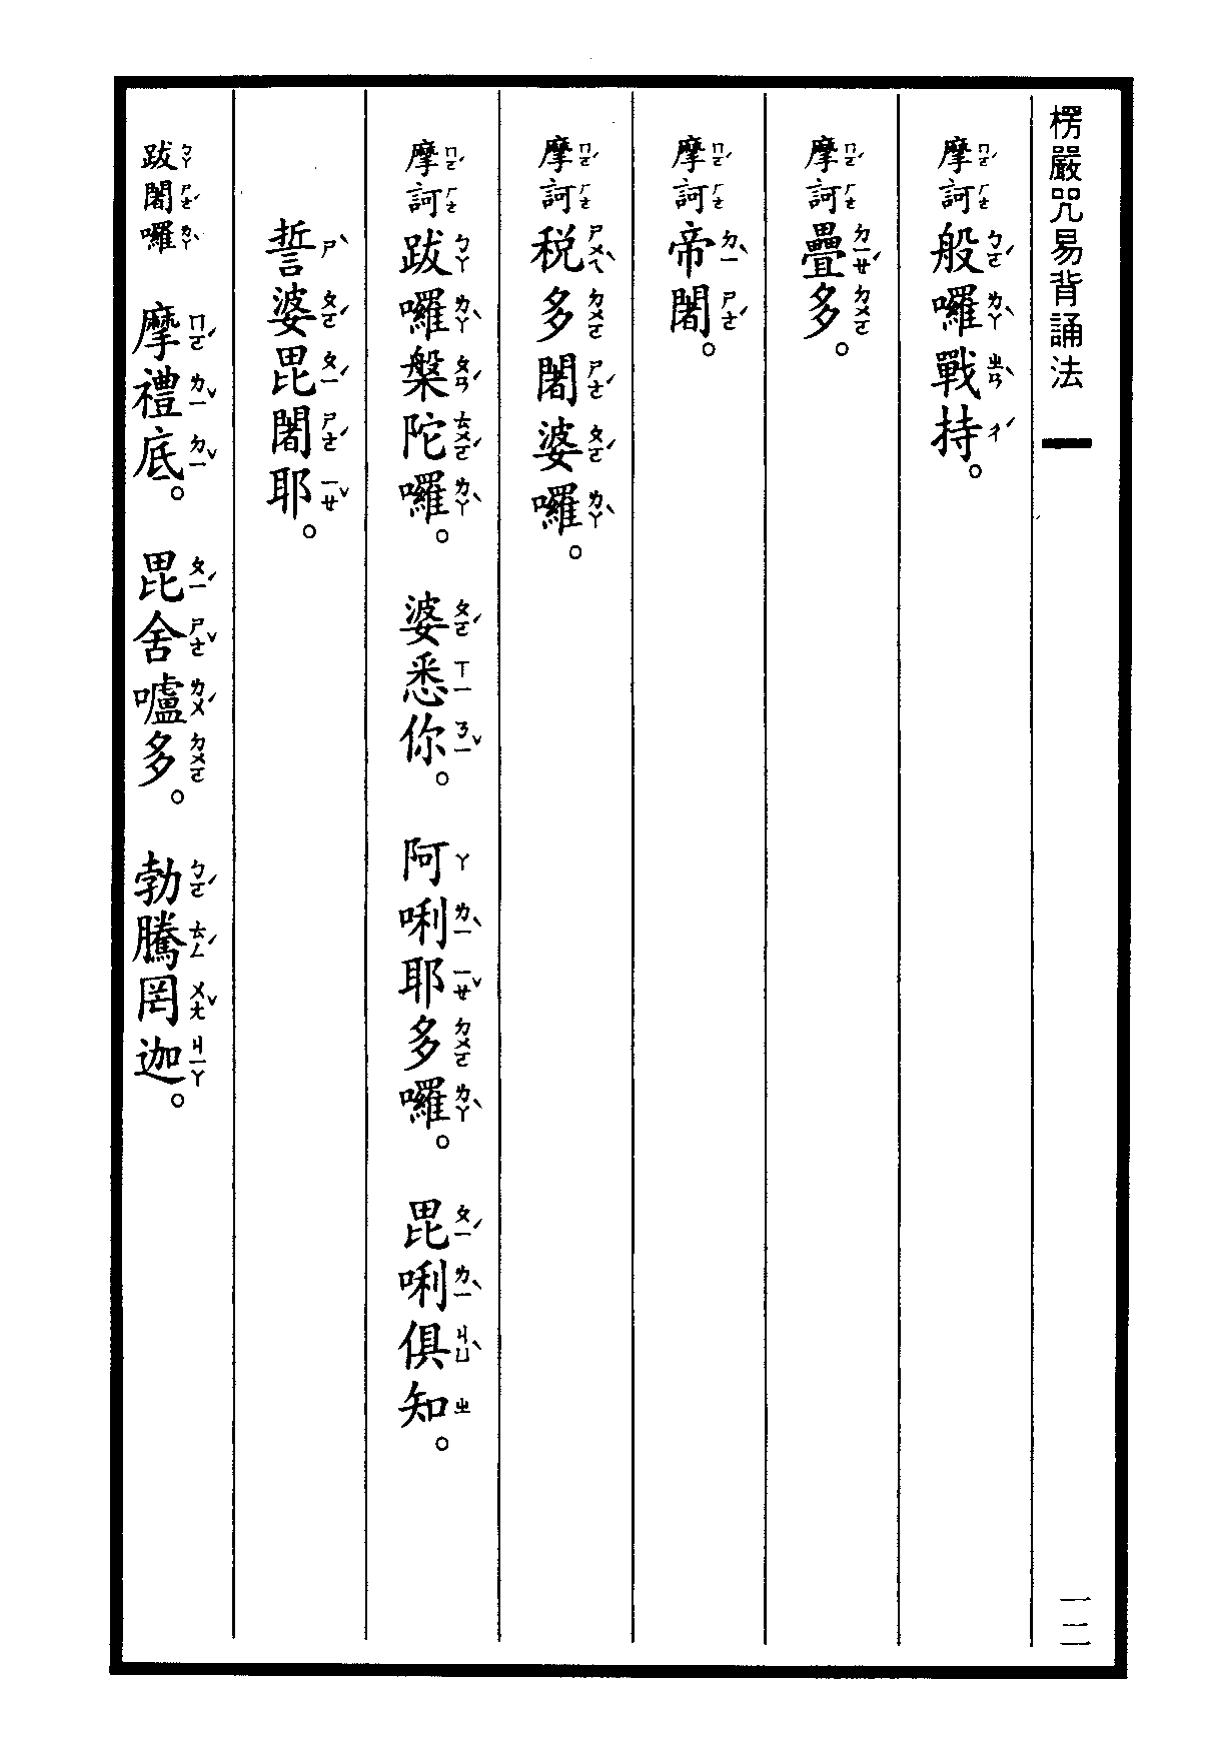 楞嚴咒-大悲咒-十小咒-易背本 18.png